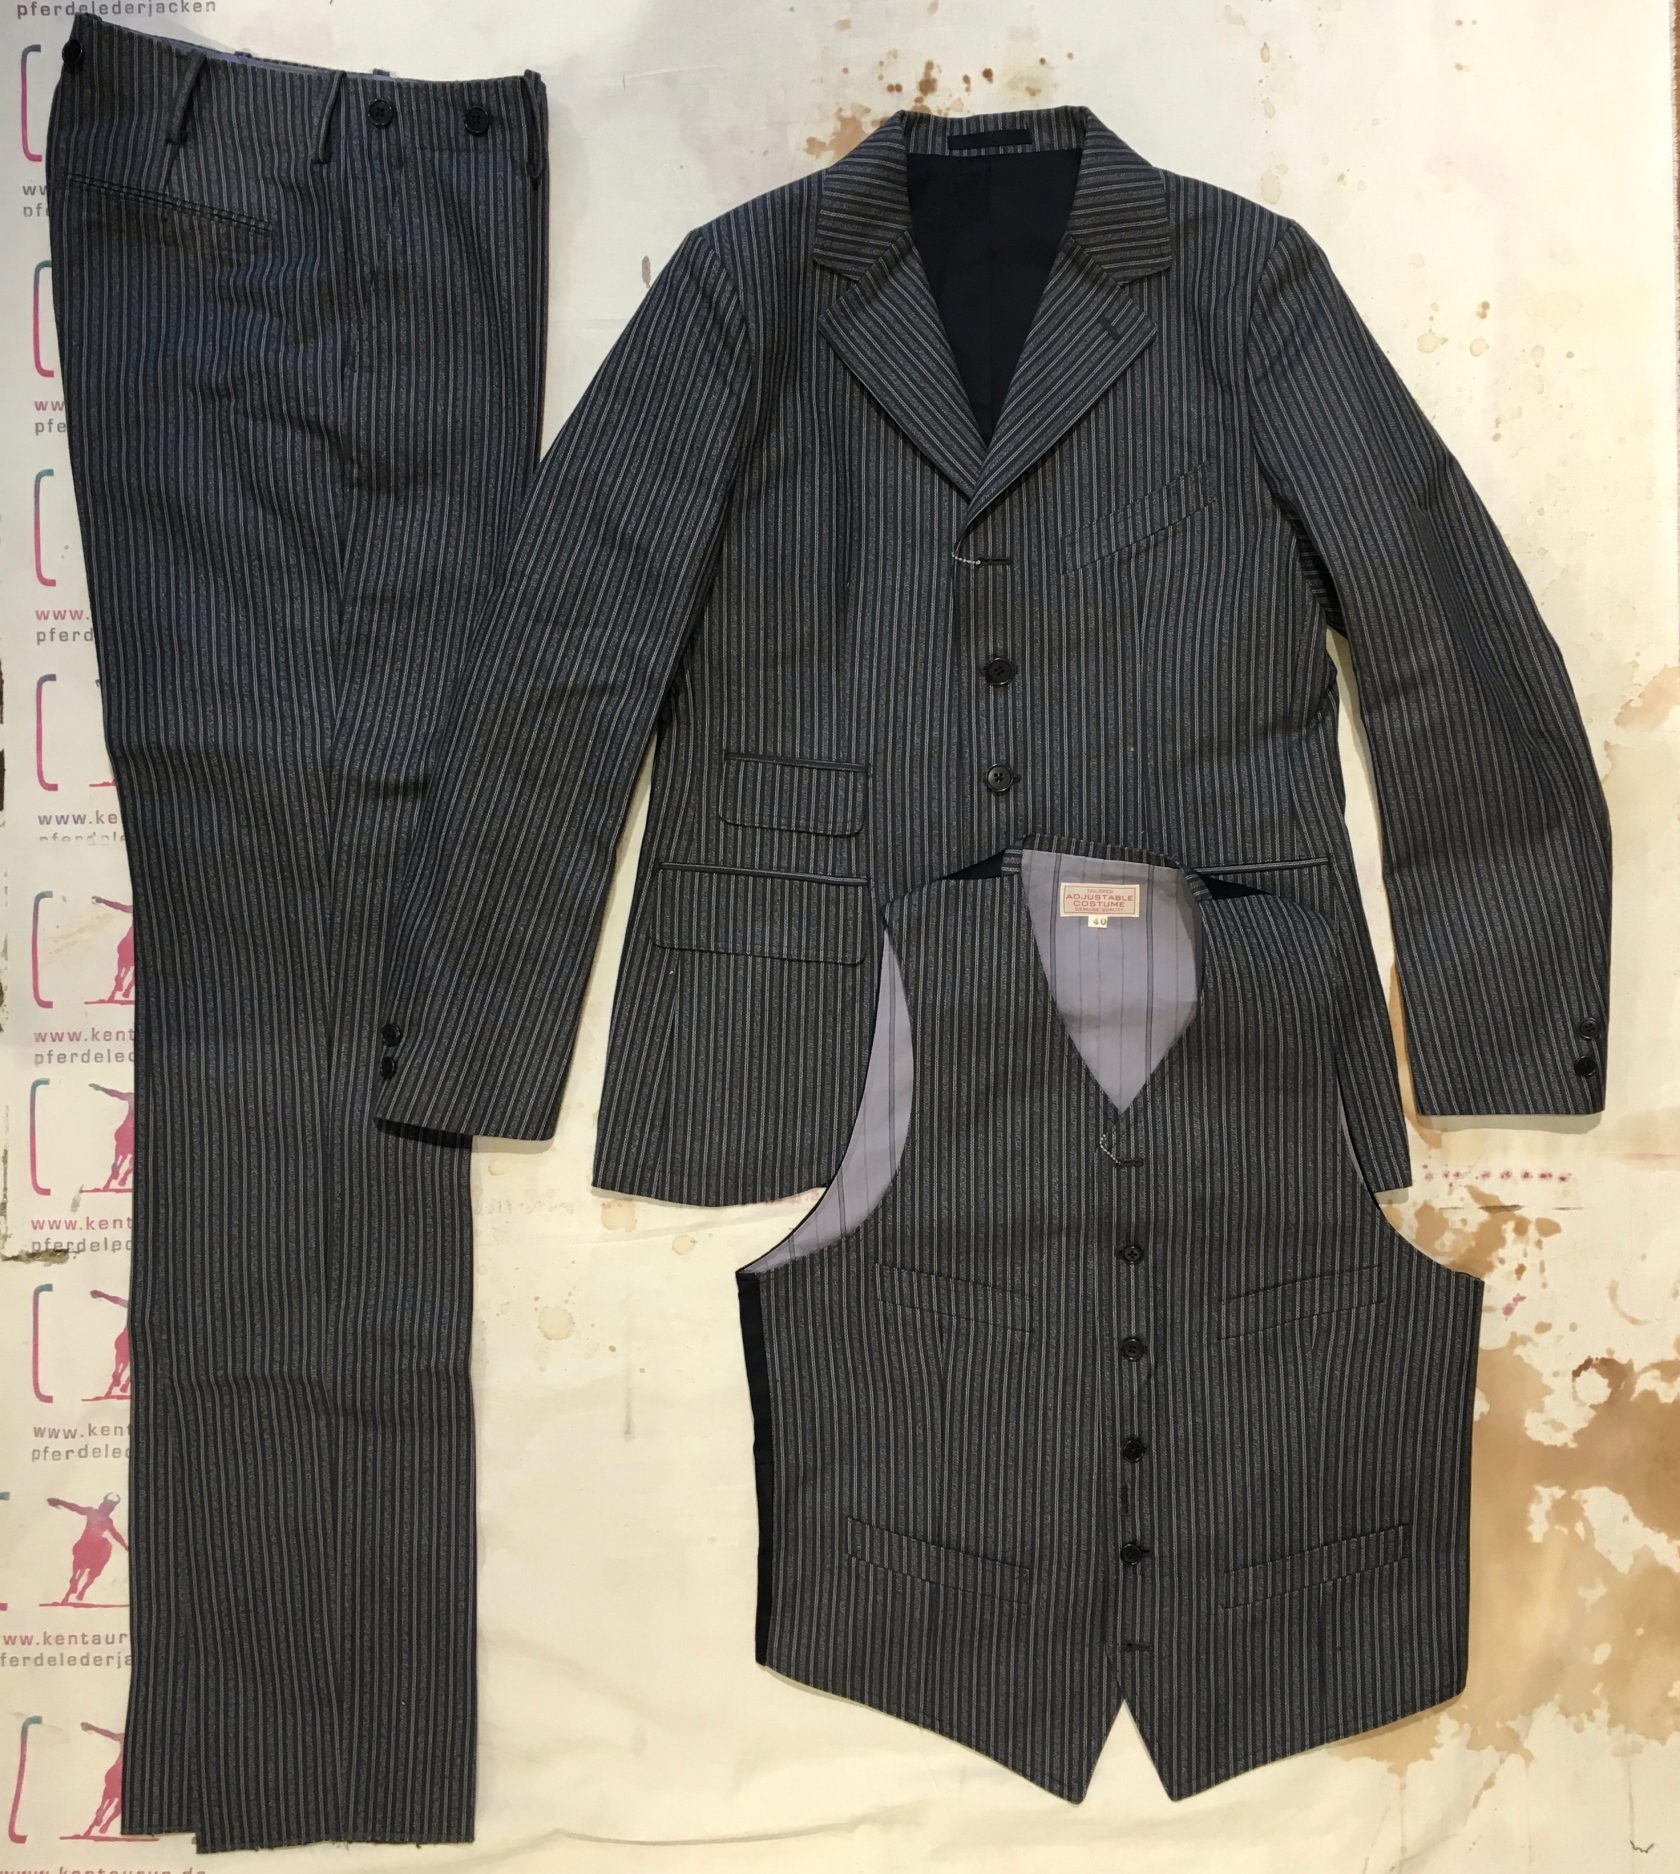 Adjustable costume 3 piece suit